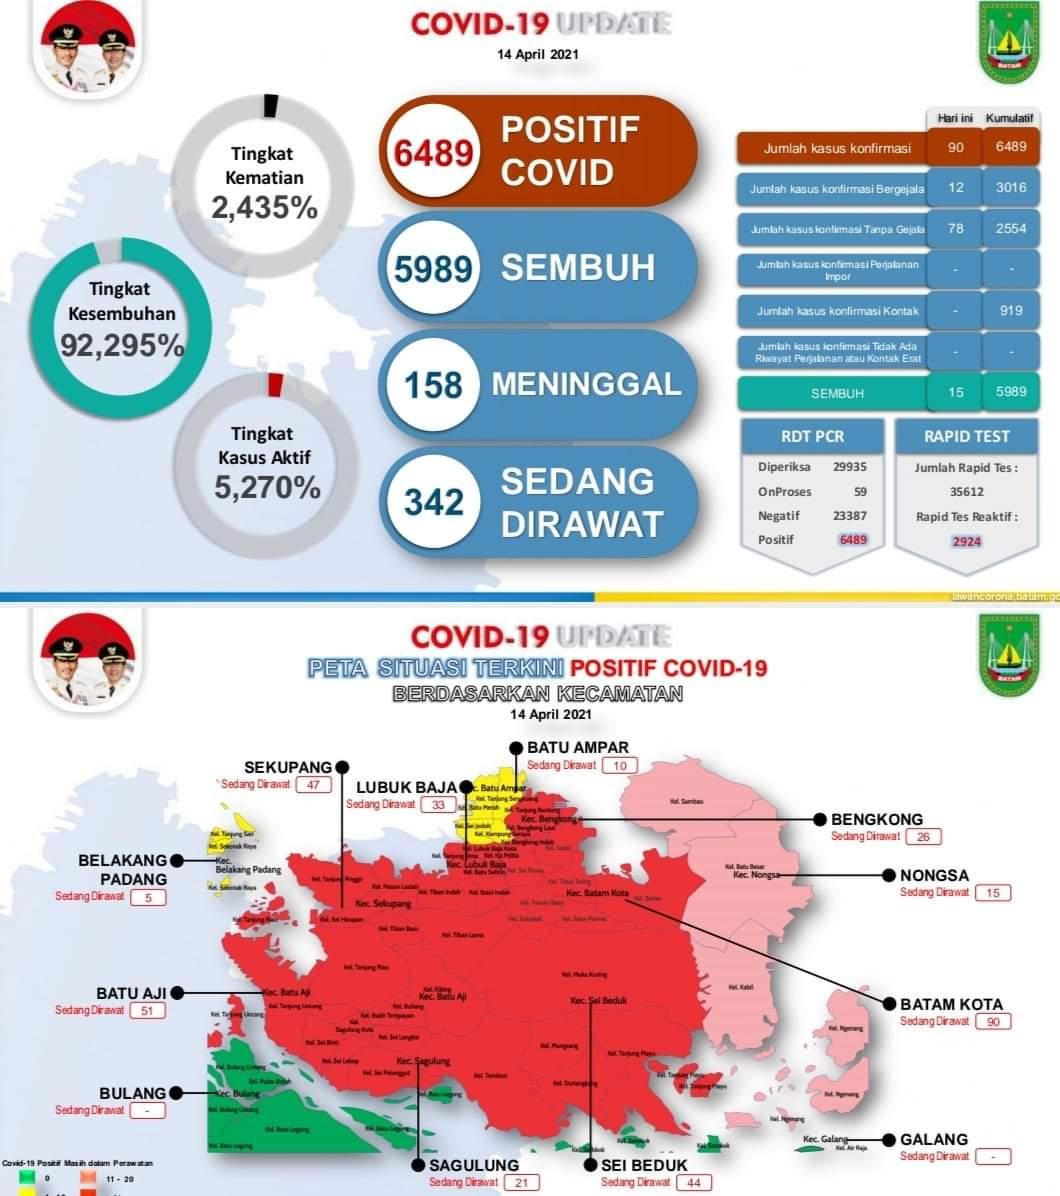 Jumlah Kasus Positif Covid-19 di Batam Melonjak, Masyarakat Diminta Tak Kendor Patuhi Protokol Kesehatan